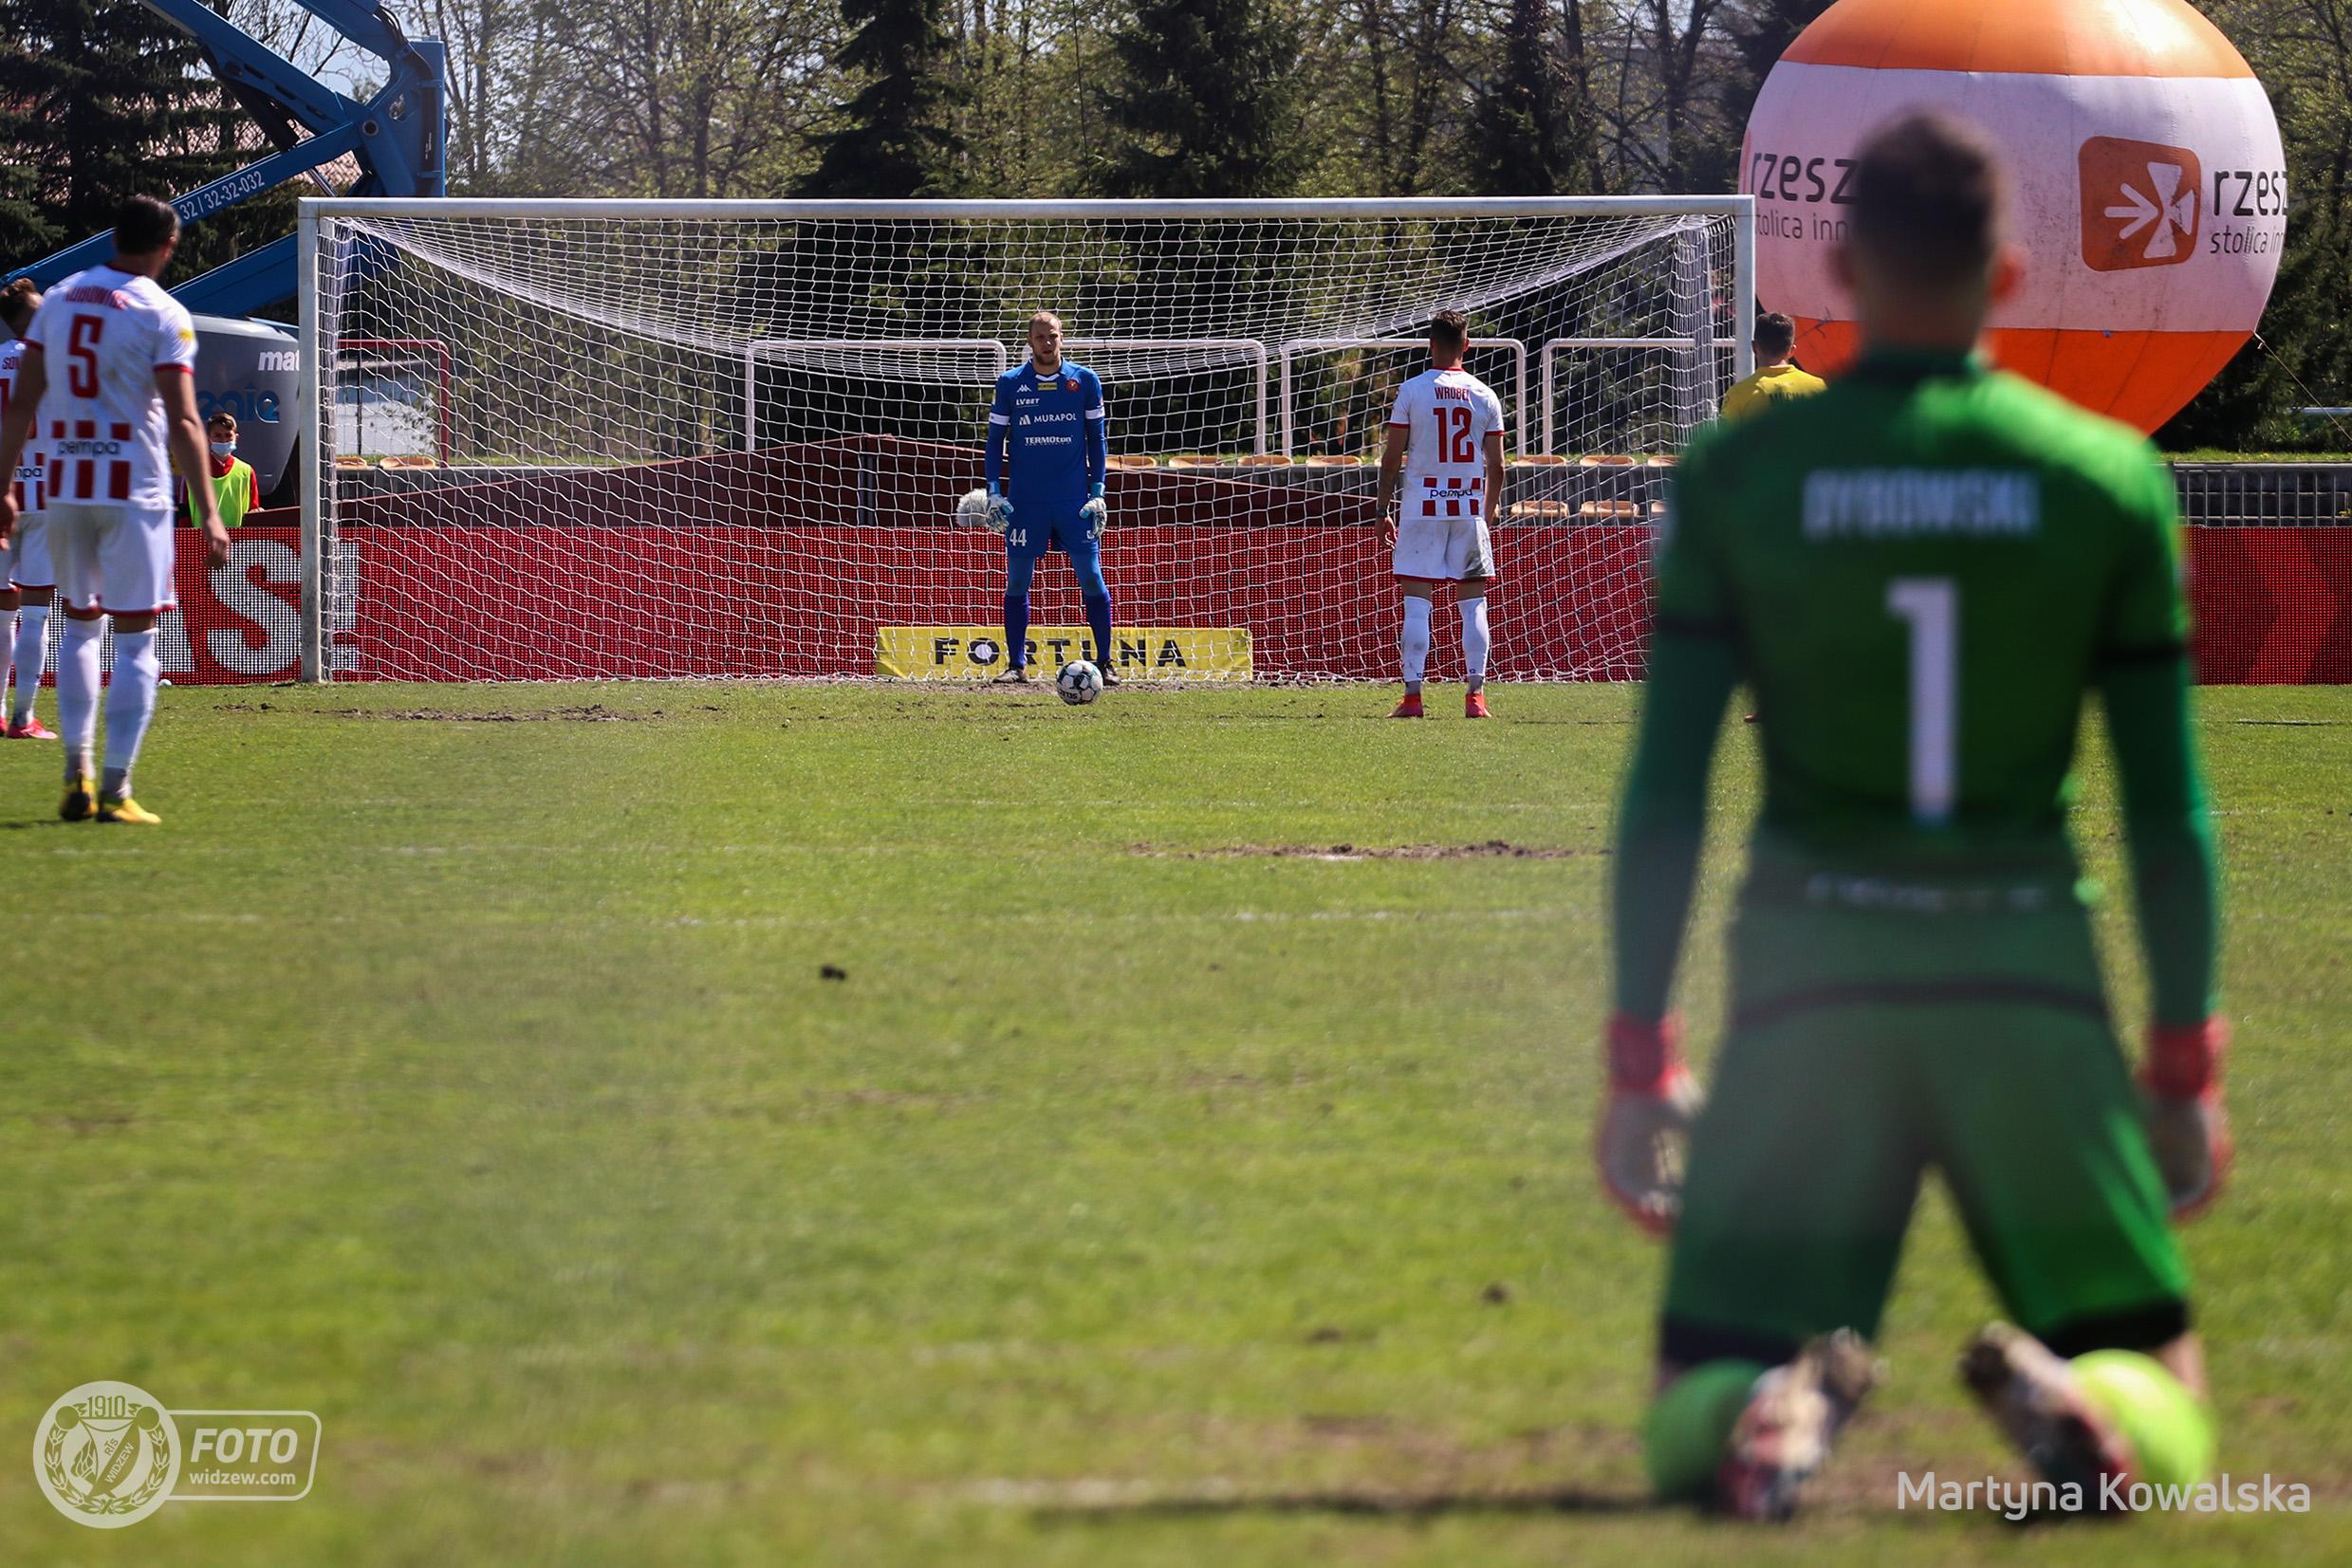 Statystyki po 29. kolejce Fortuna 1 Ligi: Pierwsza obroniona jedenastka